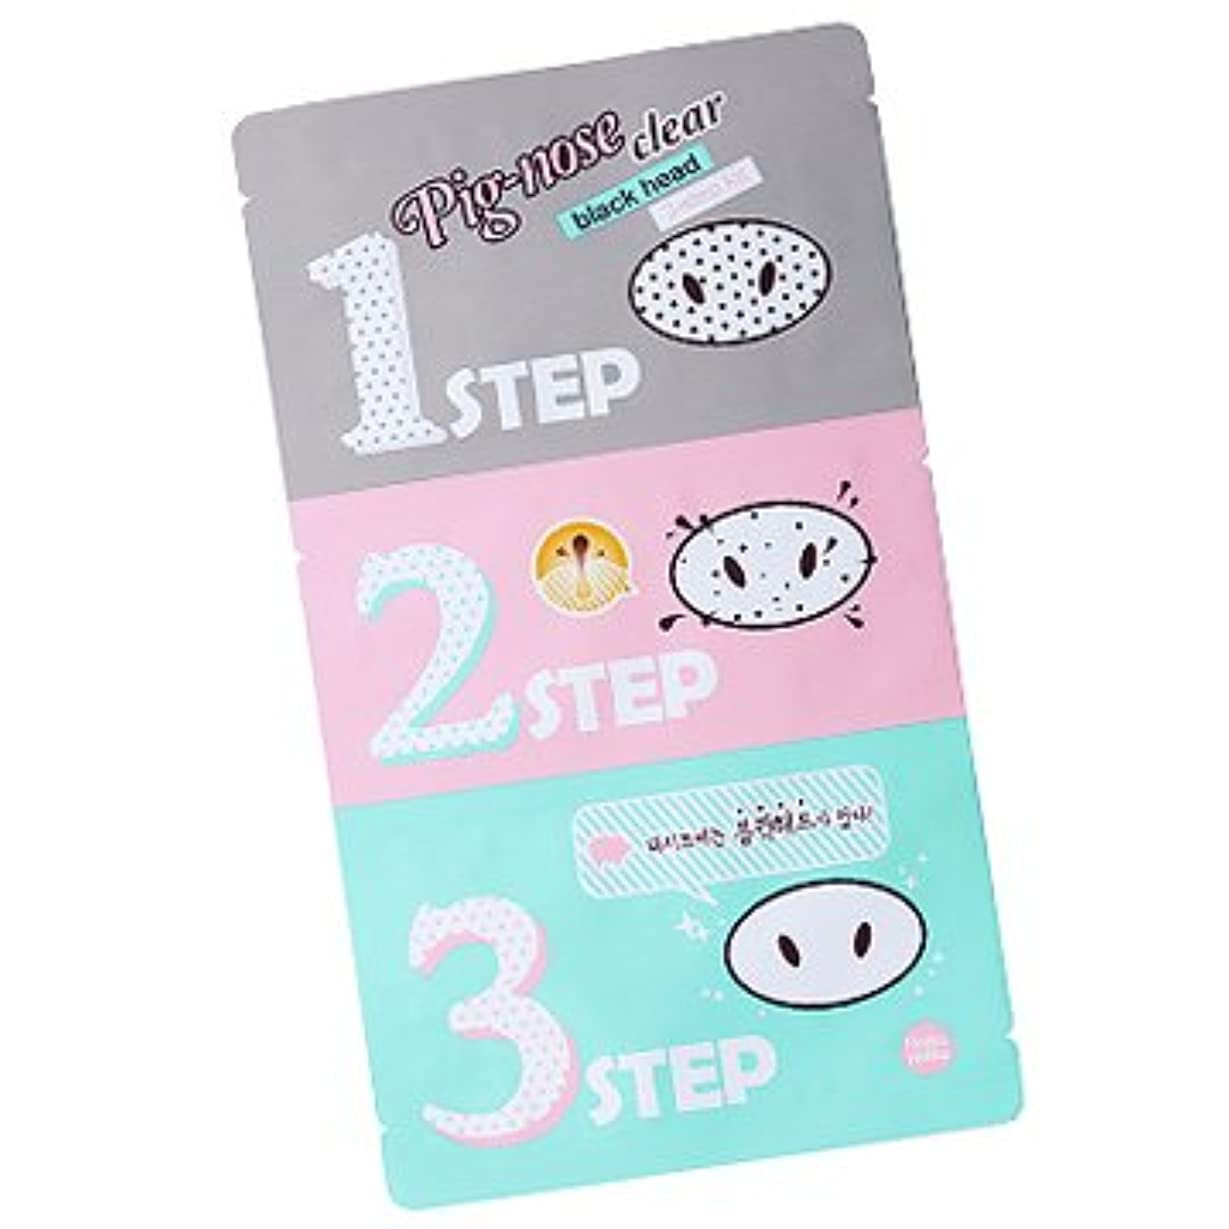 ランチョン依存破壊的Holika Holika Pig Nose Clear Black Head 3-Step Kit 10EA (Nose Pack) ホリカホリカ ピグノーズクリアブラックヘッド3-Stepキット(鼻パック) 10pcs...